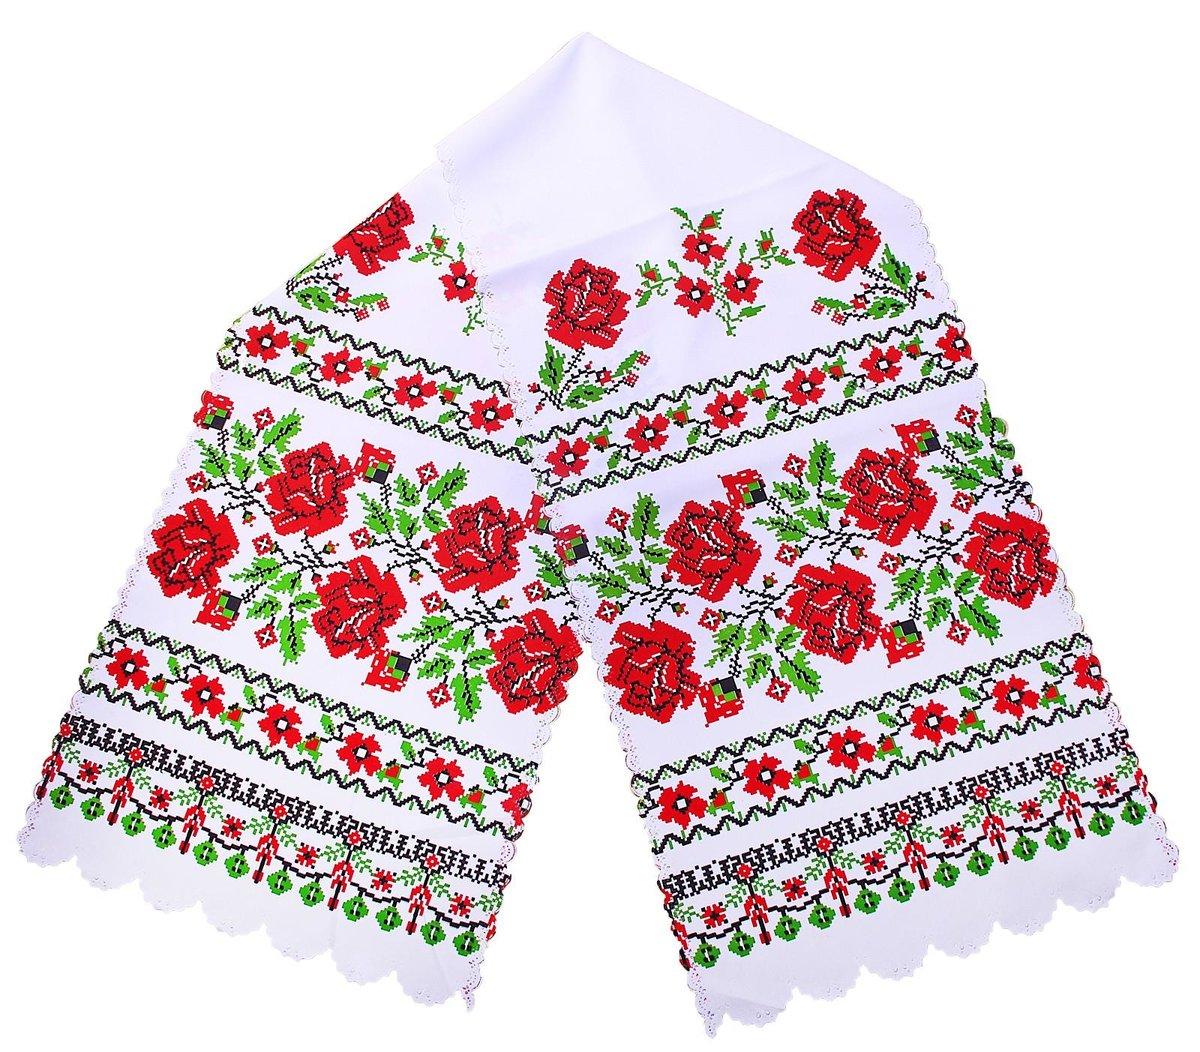 Картинка русское полотенце